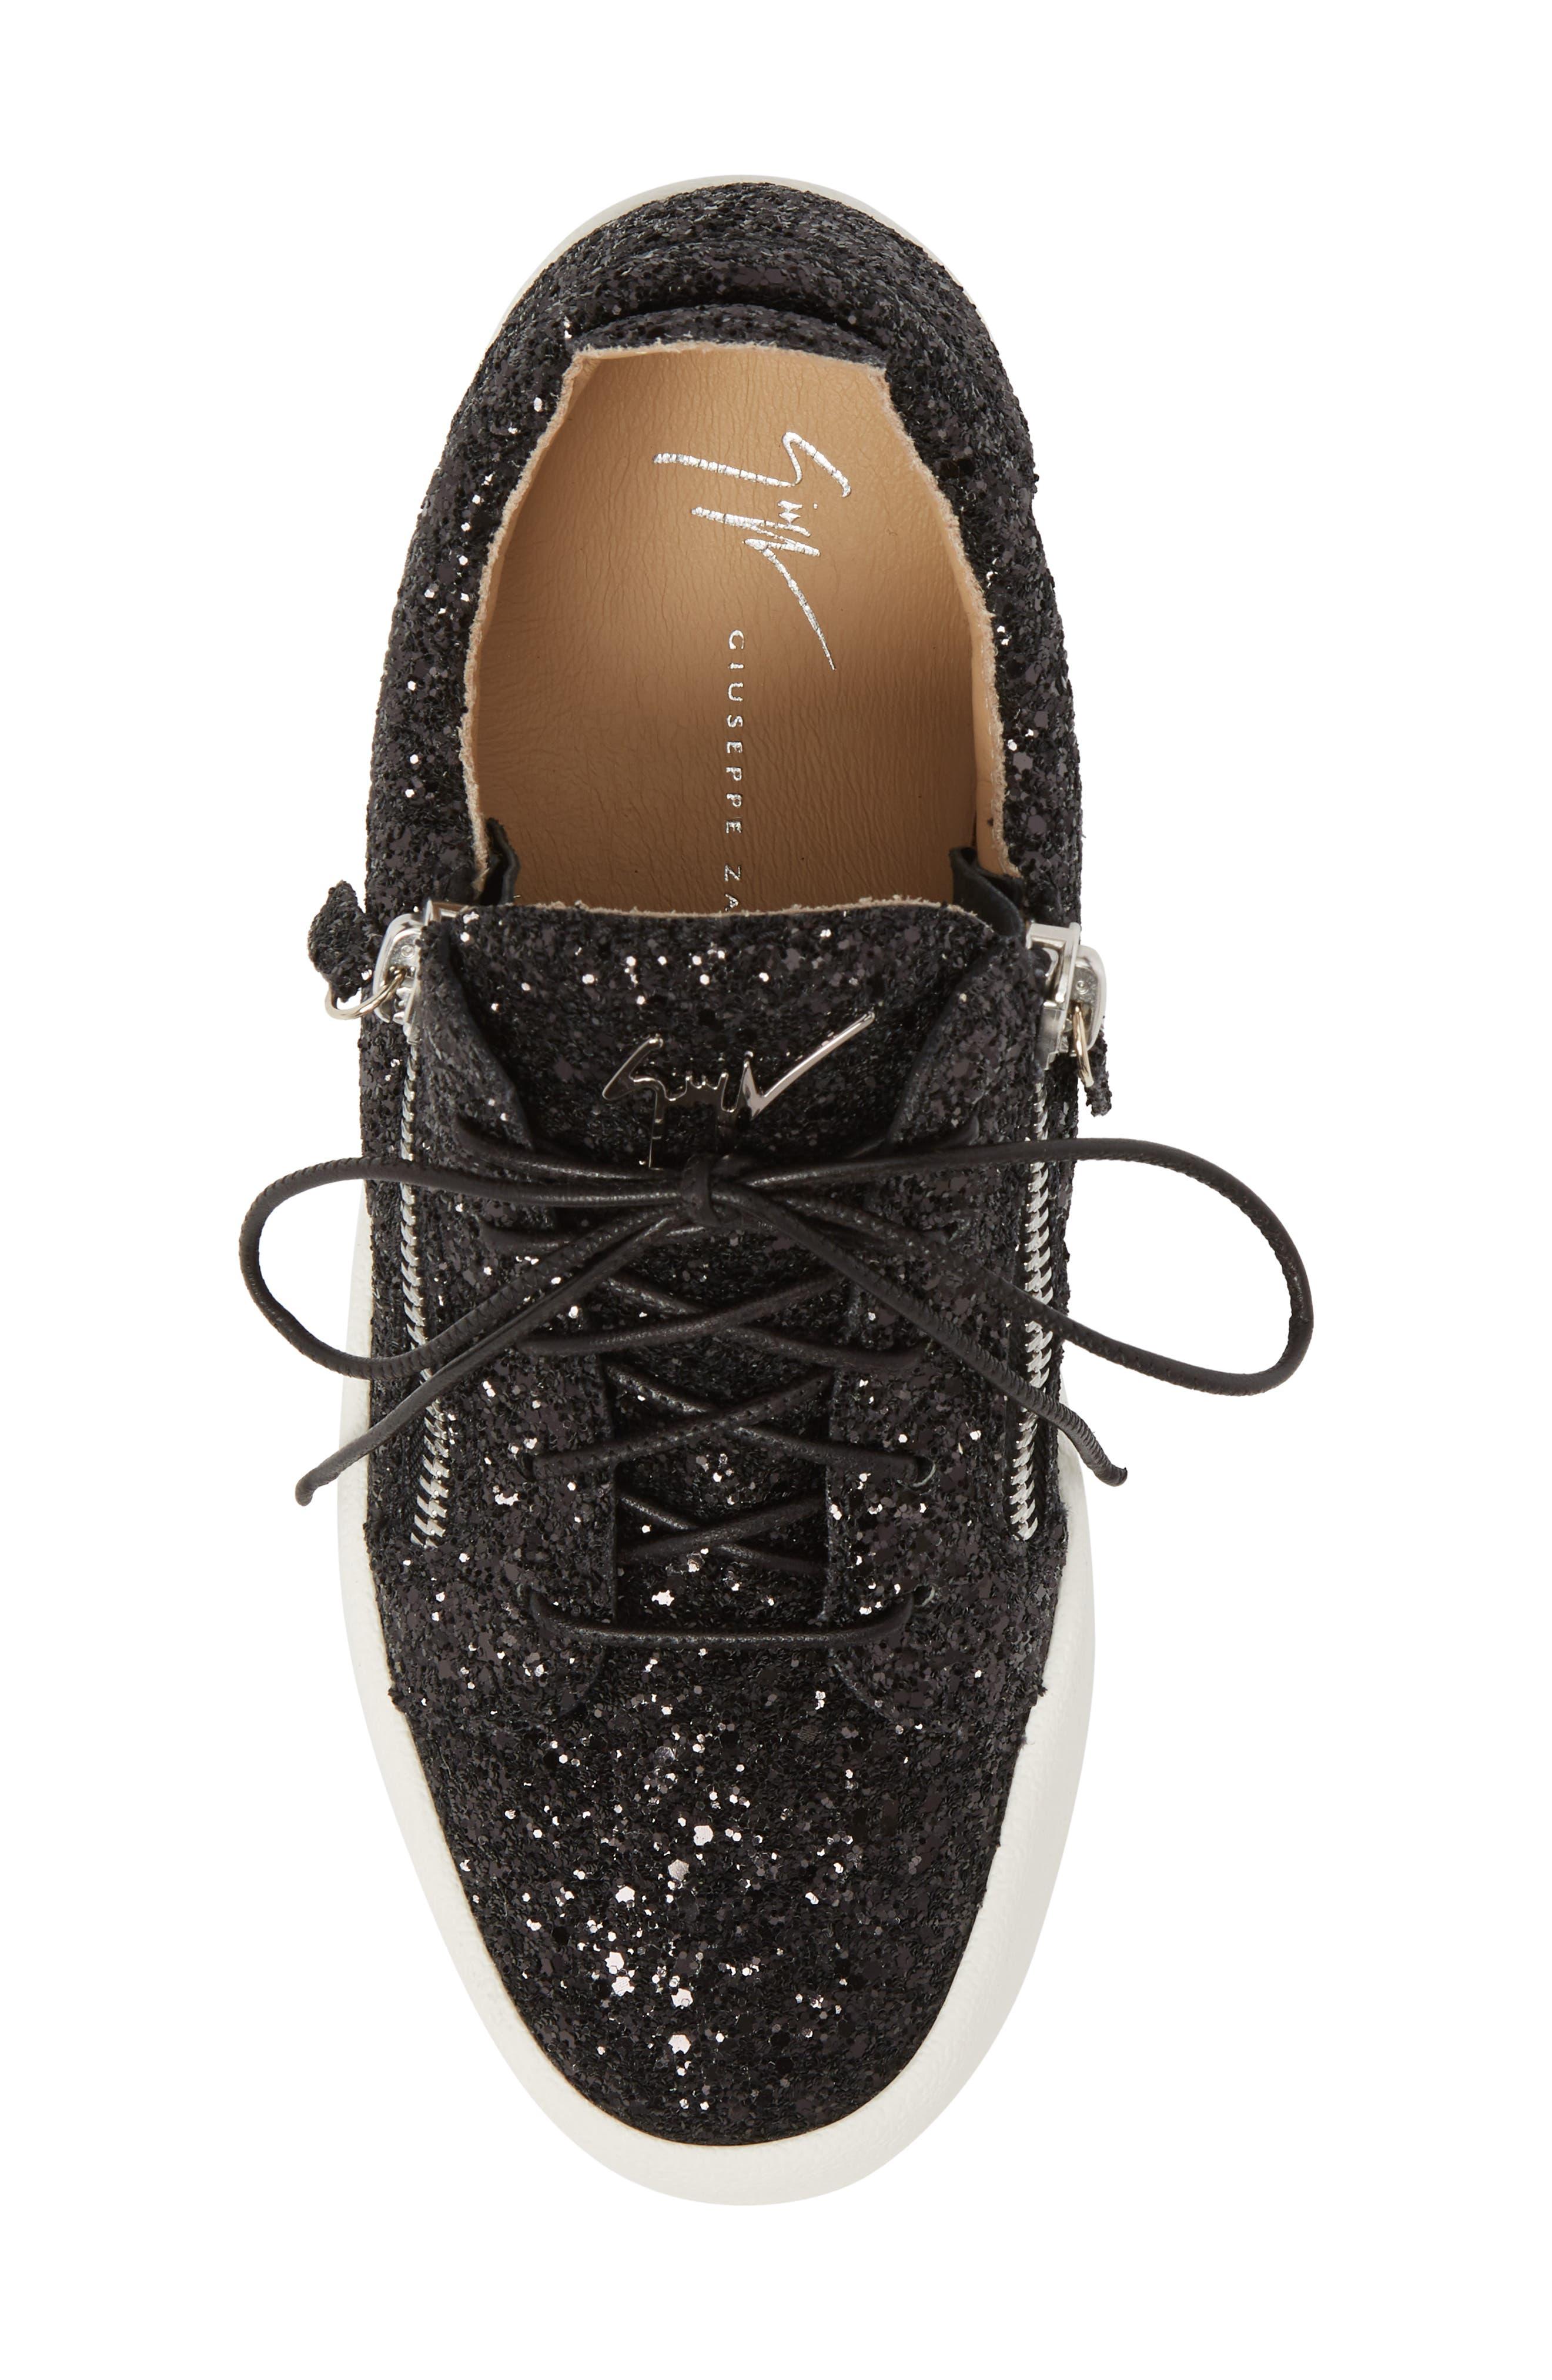 May London Low Top Sneaker,                             Alternate thumbnail 5, color,                             BLACK